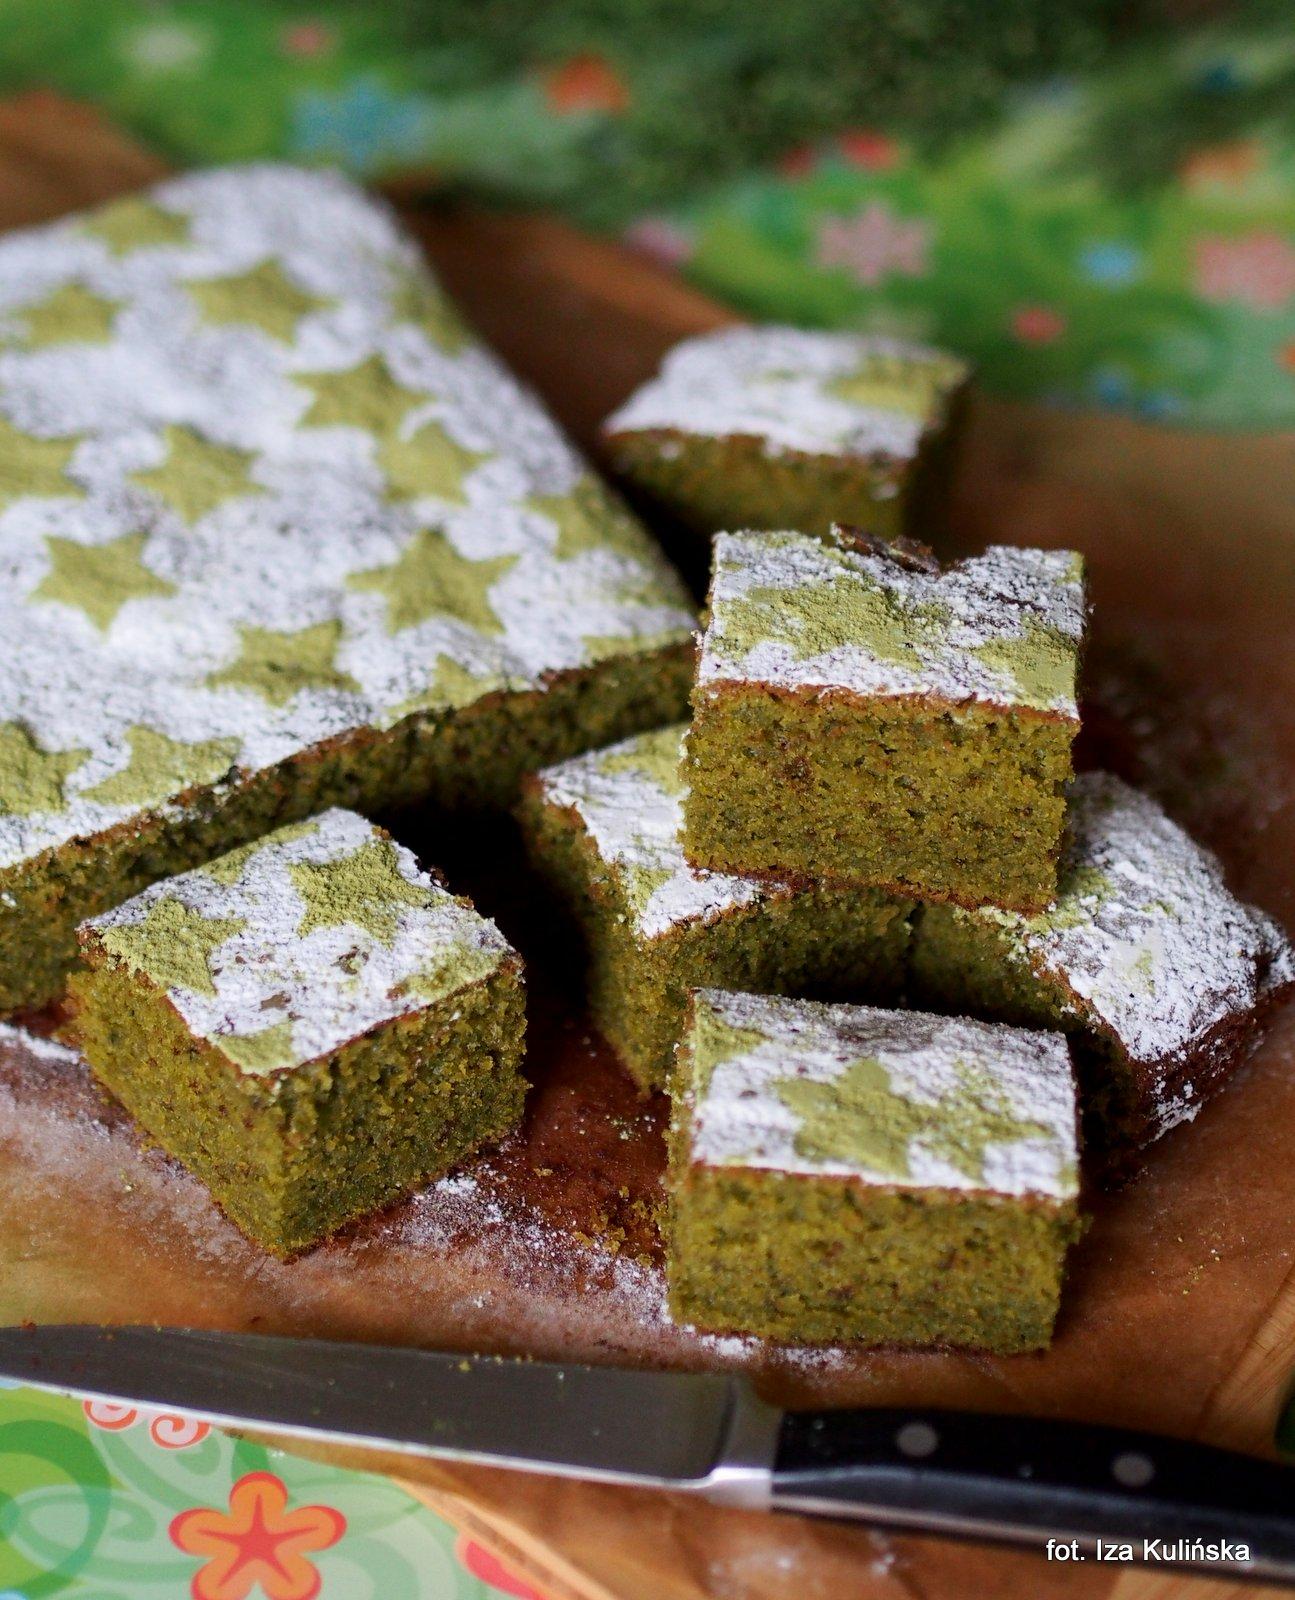 ciasto z herbata matcha, zielone ciasto herbaciane, ciasto z biała czekolada i zielona herbata, herbata matcha, biała czekolada, ciasto na niedziela, ciasta domowe